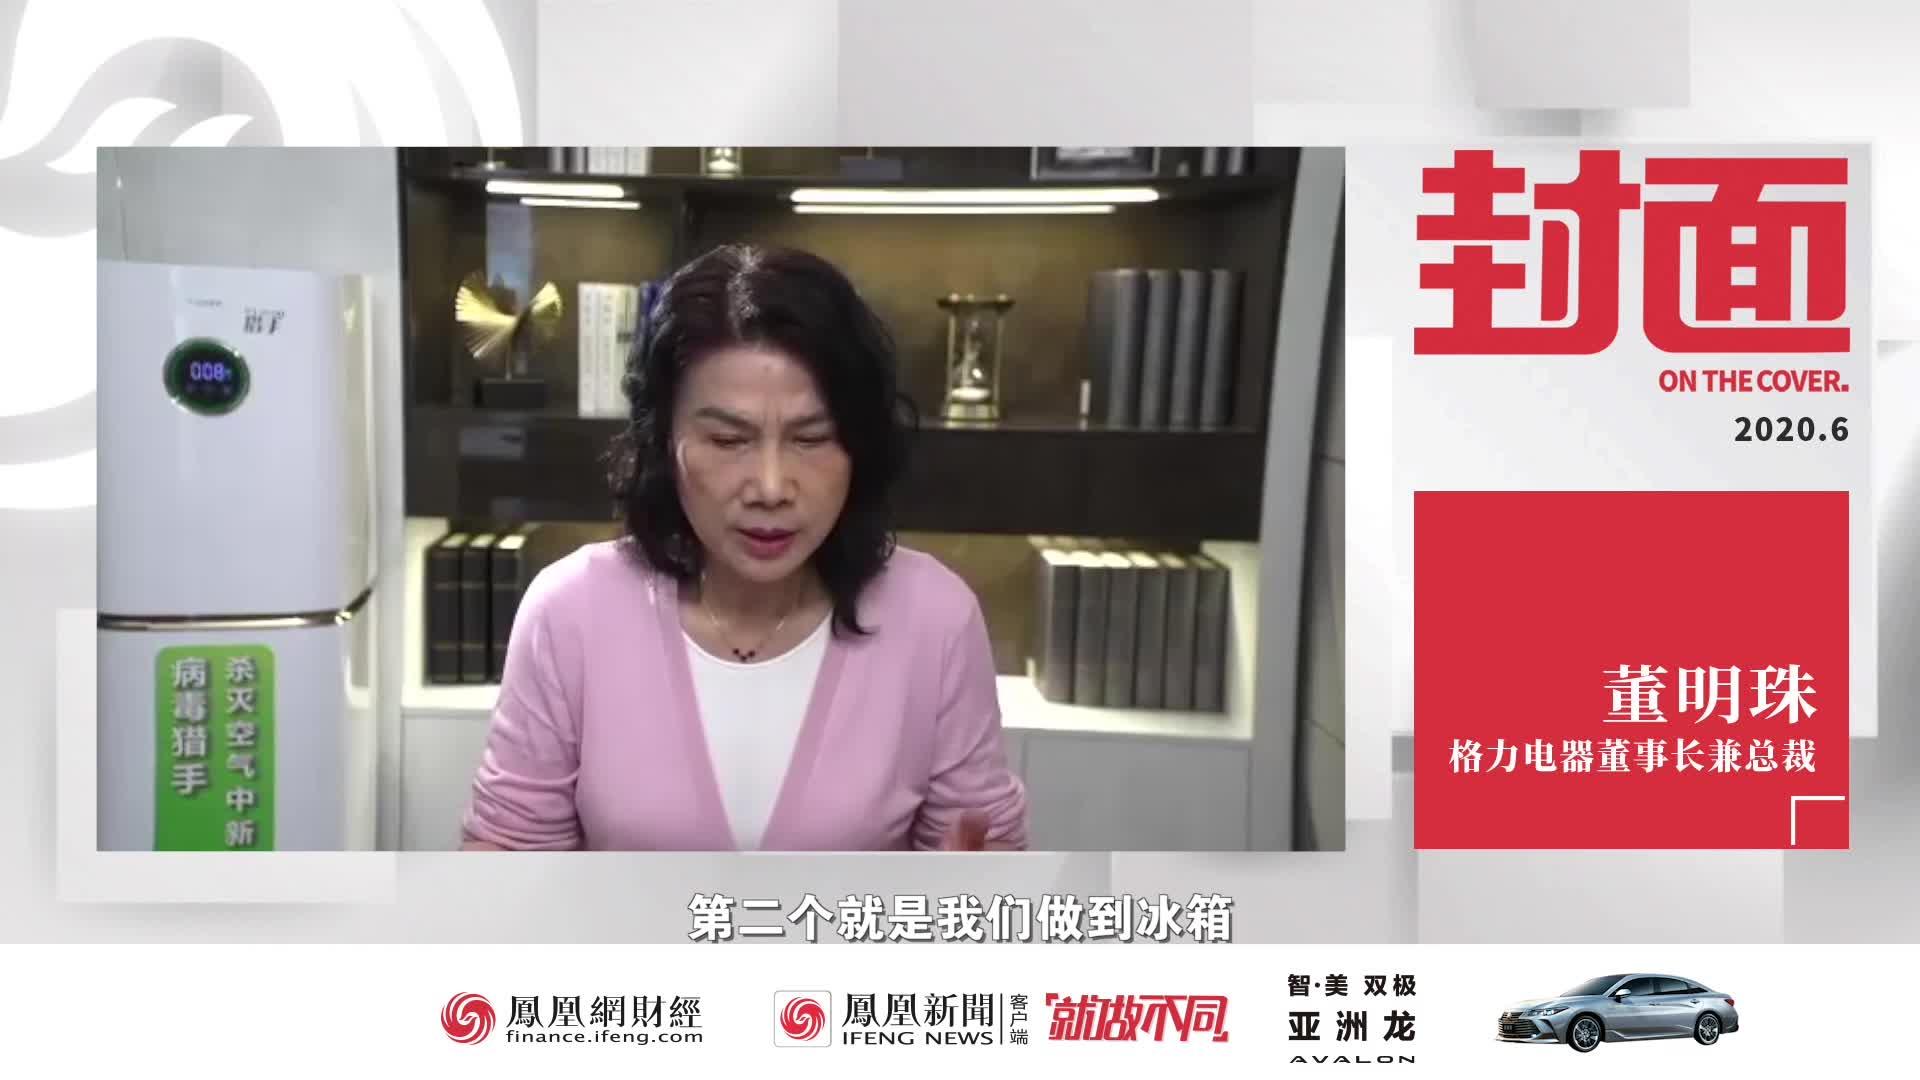 凤凰网财经《封面》嘉宾对话格力电器董事长董明珠